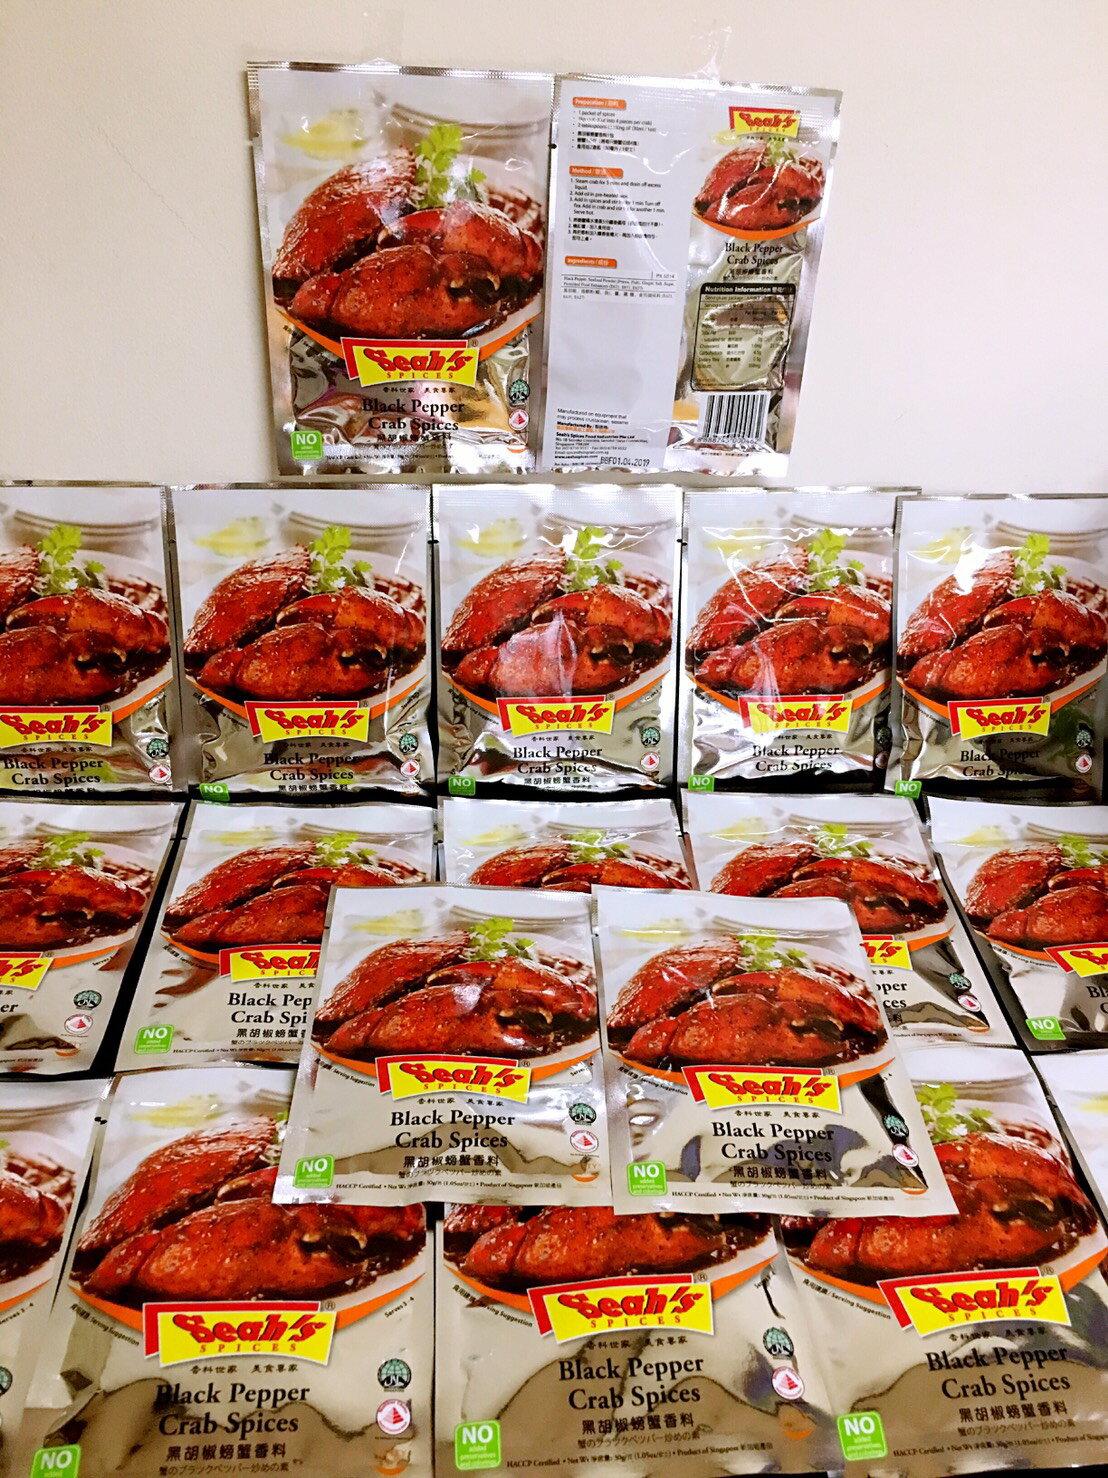 新加坡特產 Seah′s香氏 黑胡椒螃蟹香料 美食~Seah′s香氏肉骨茶湯料 香氏肉骨茶包【AA005】